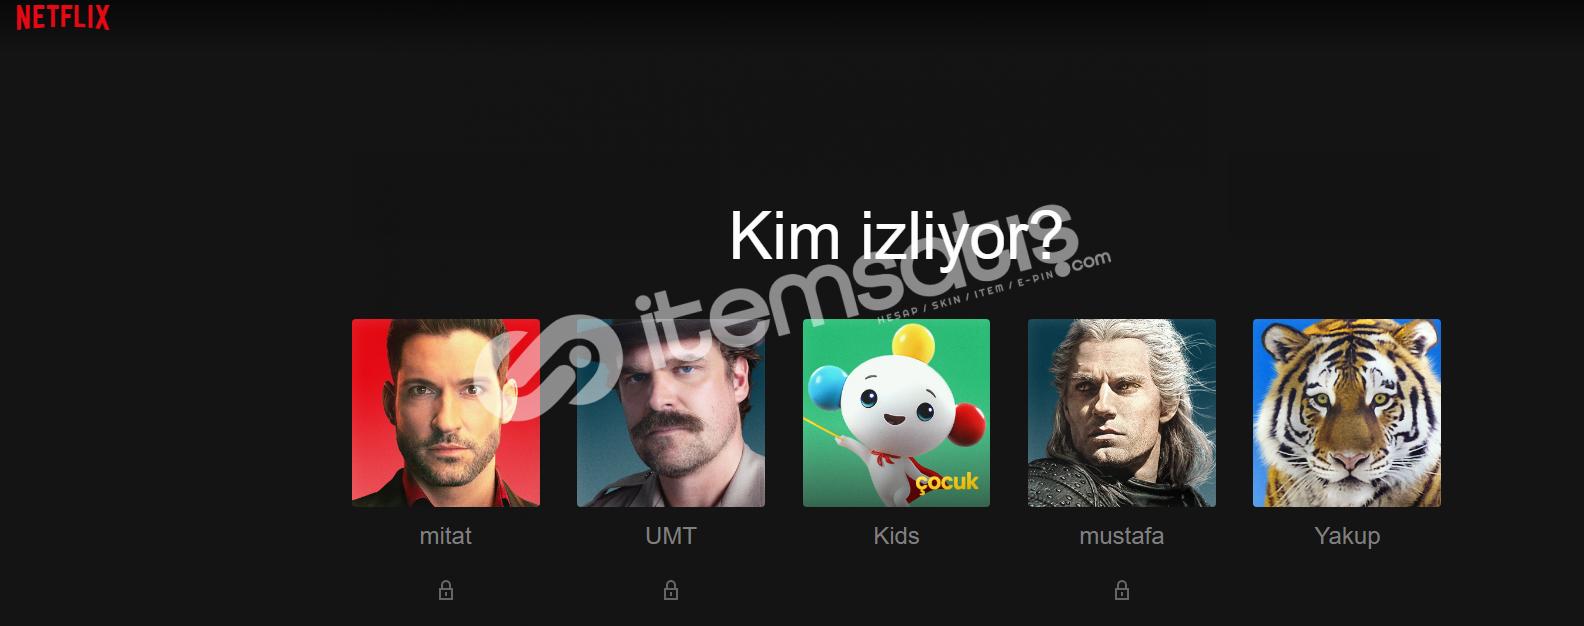 Netflix 4K UHD 1 Kişilik Hesap Sınırsız